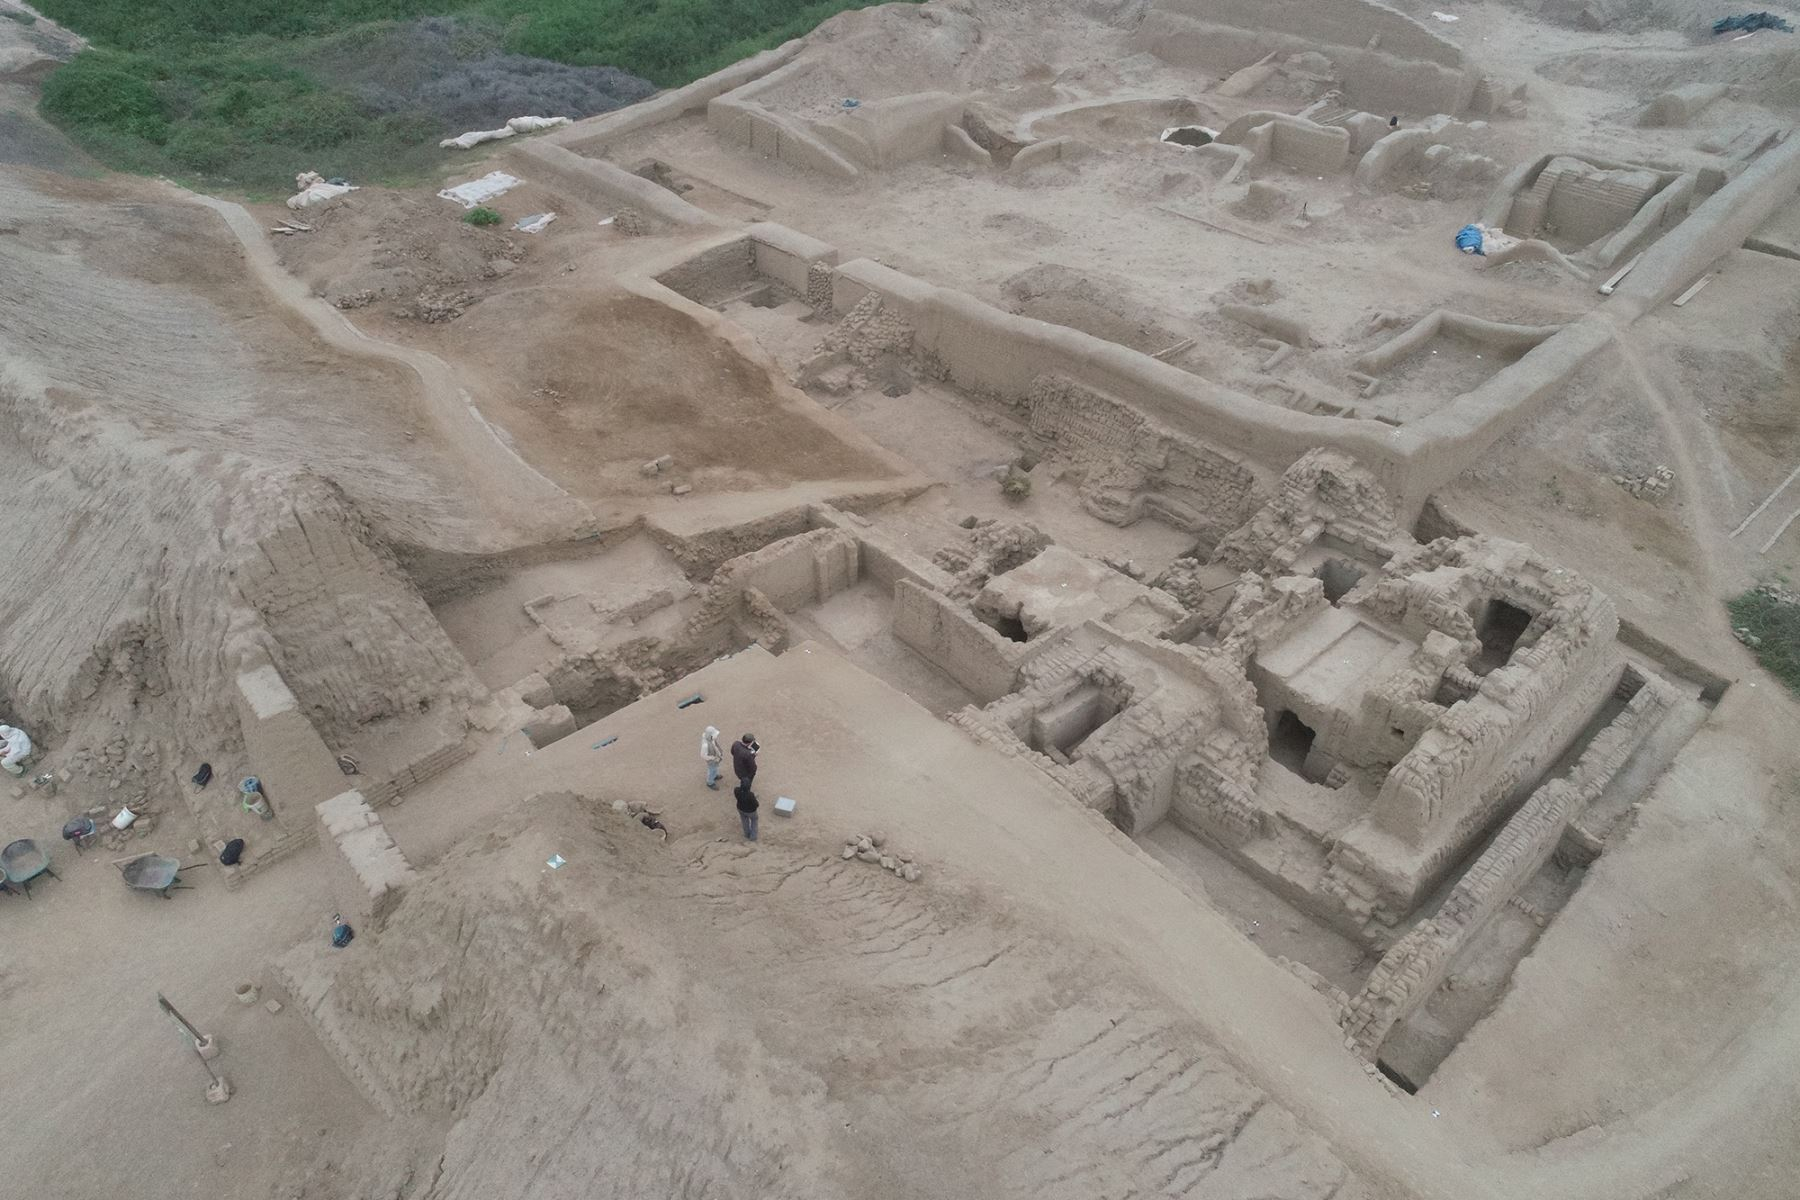 La plataforma funeraria Chayhuac An es uno de los diez conjuntos amurallados que conforman el Complejo Arqueológico Chan Chan (La Libertad).